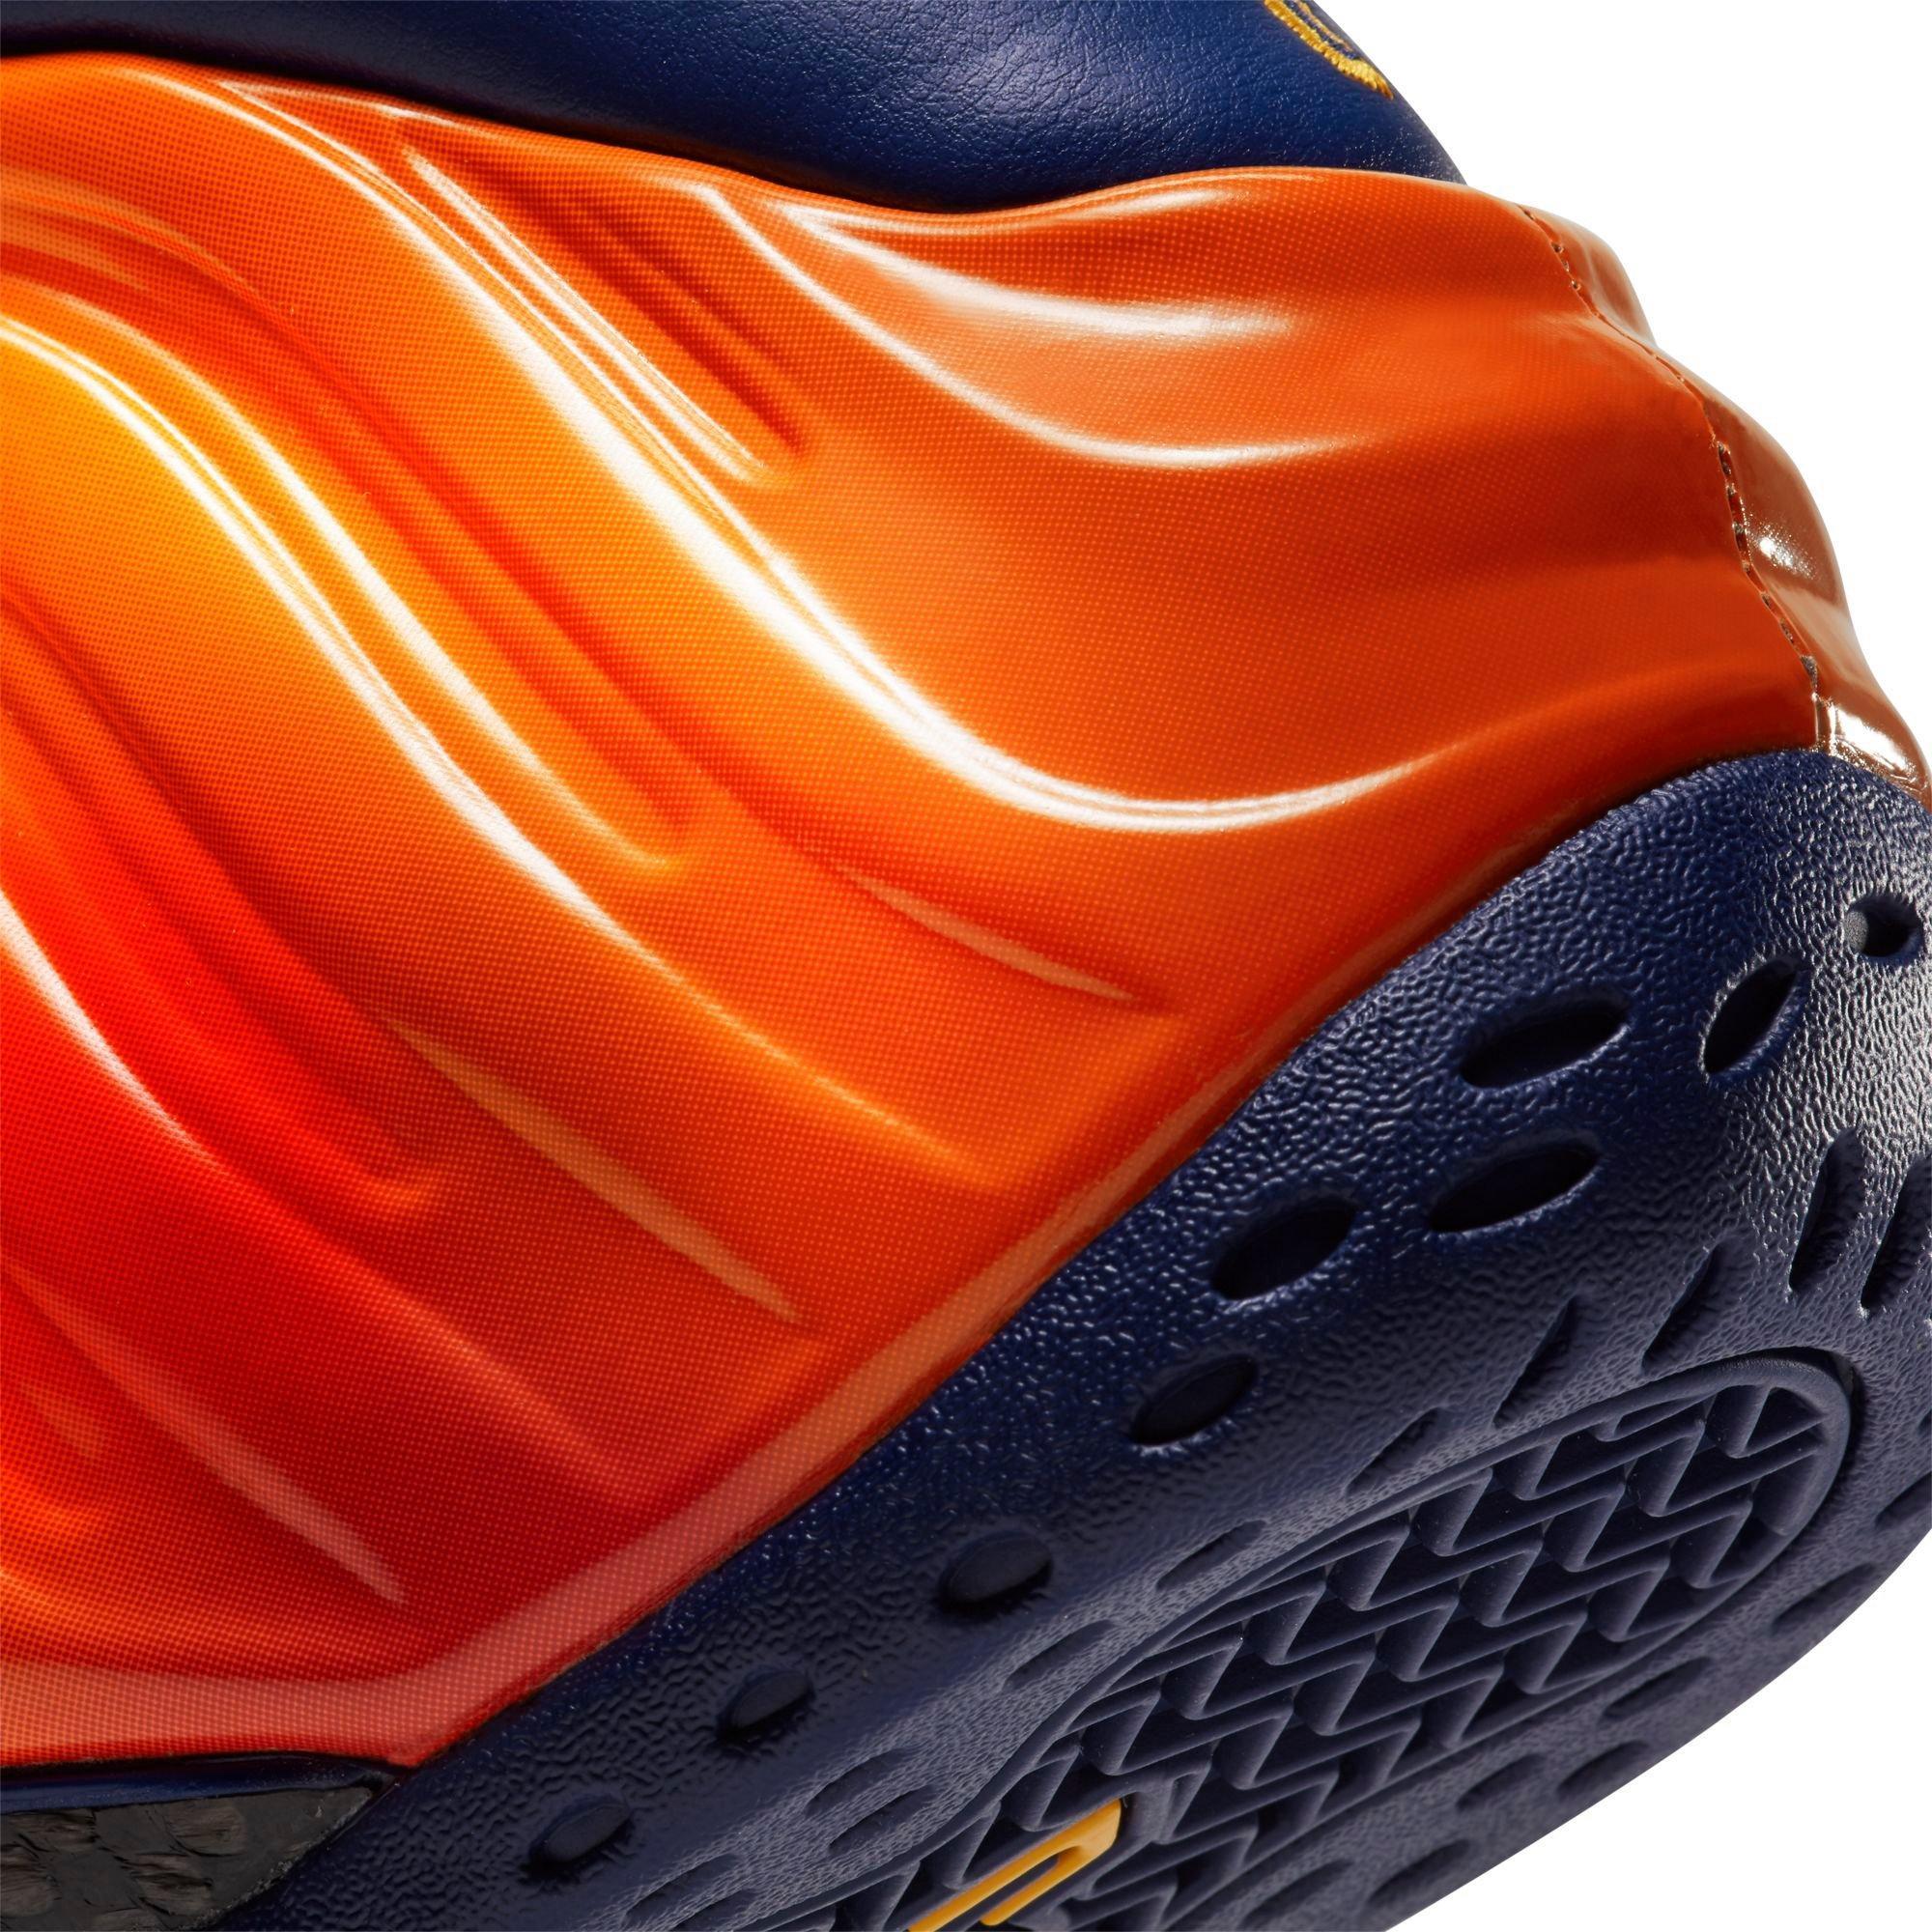 Nike Air Foamposite One Copper 7Wear Testers